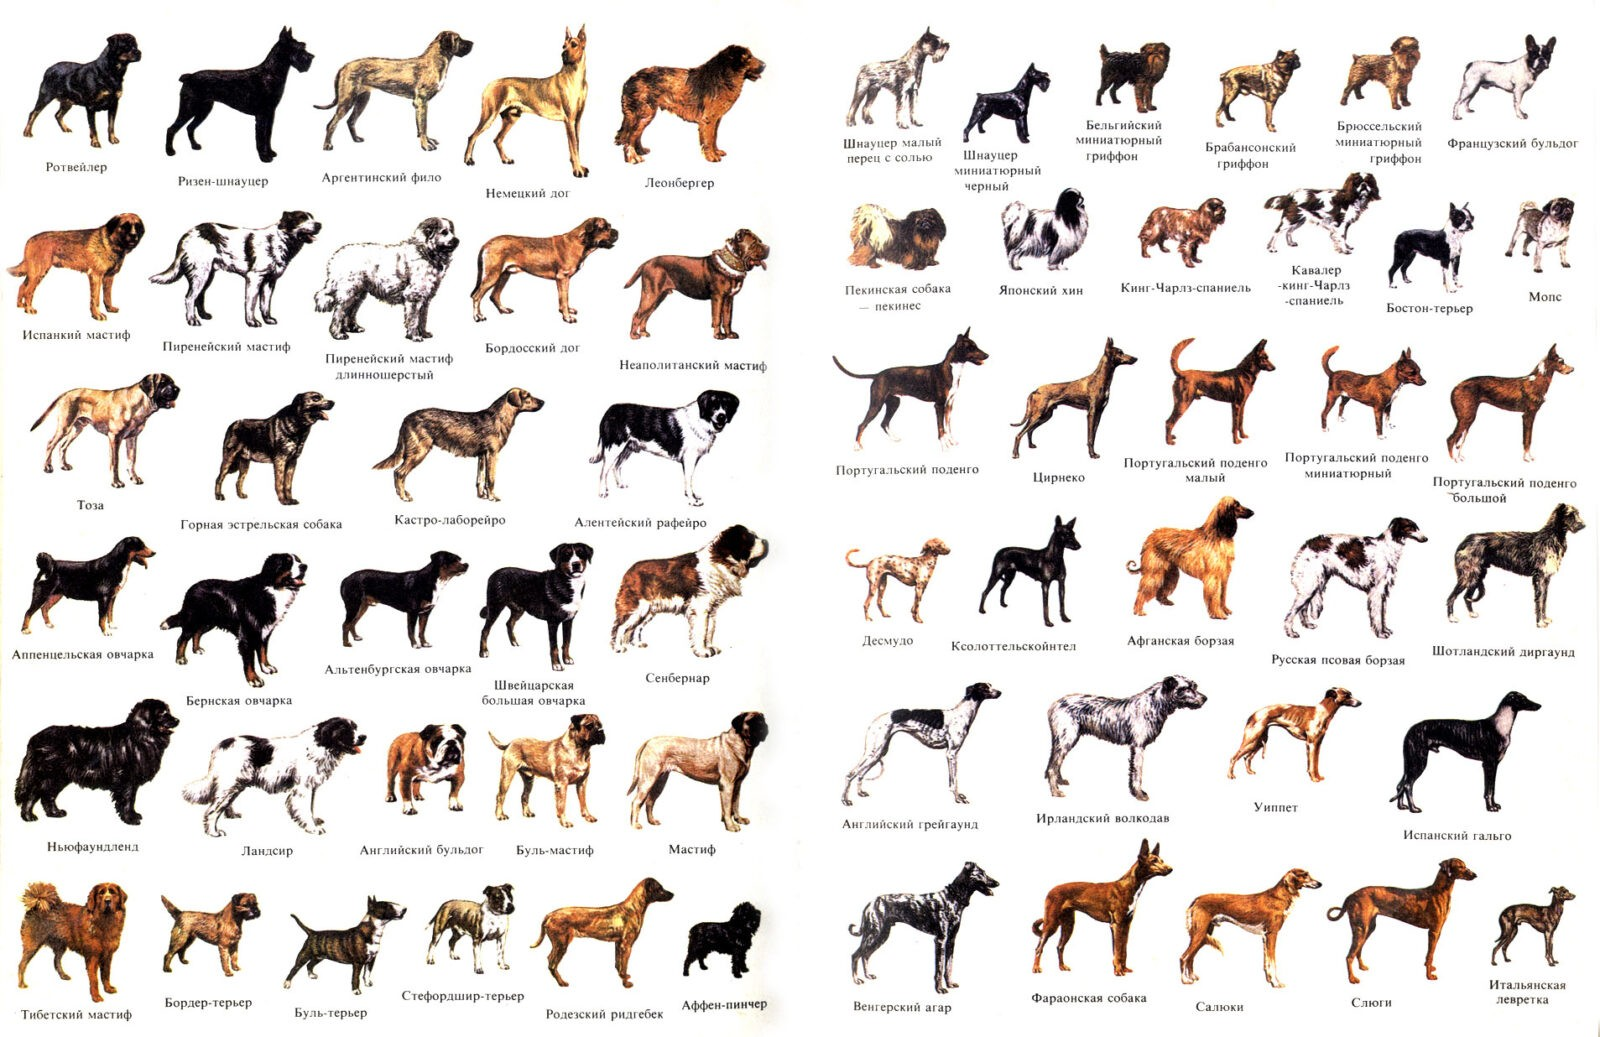 популярные породы собак с фотографиями и названиями